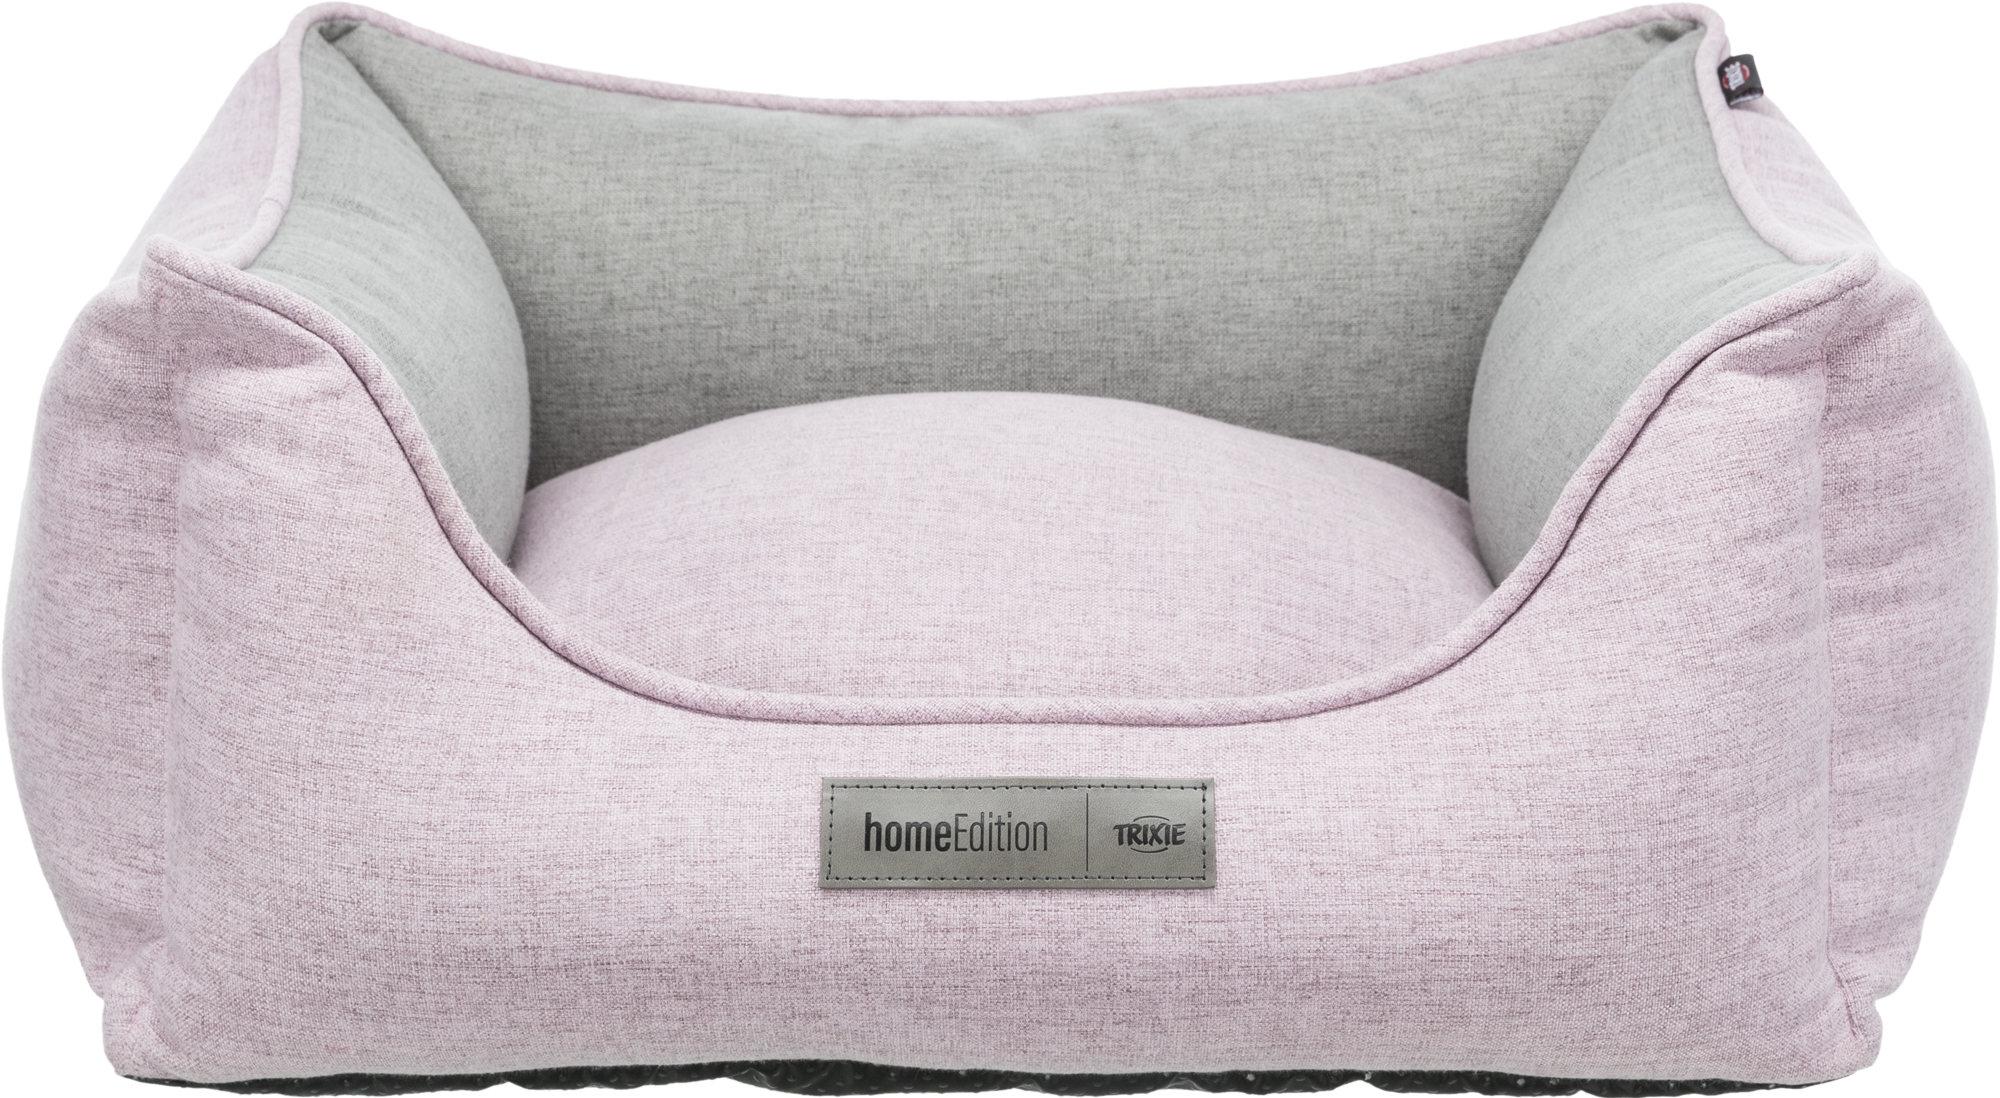 TRIXIE Bett Lona, eckig TRIXIE Bett Lona, eckig, 80 × 60 cm, rosa/grau